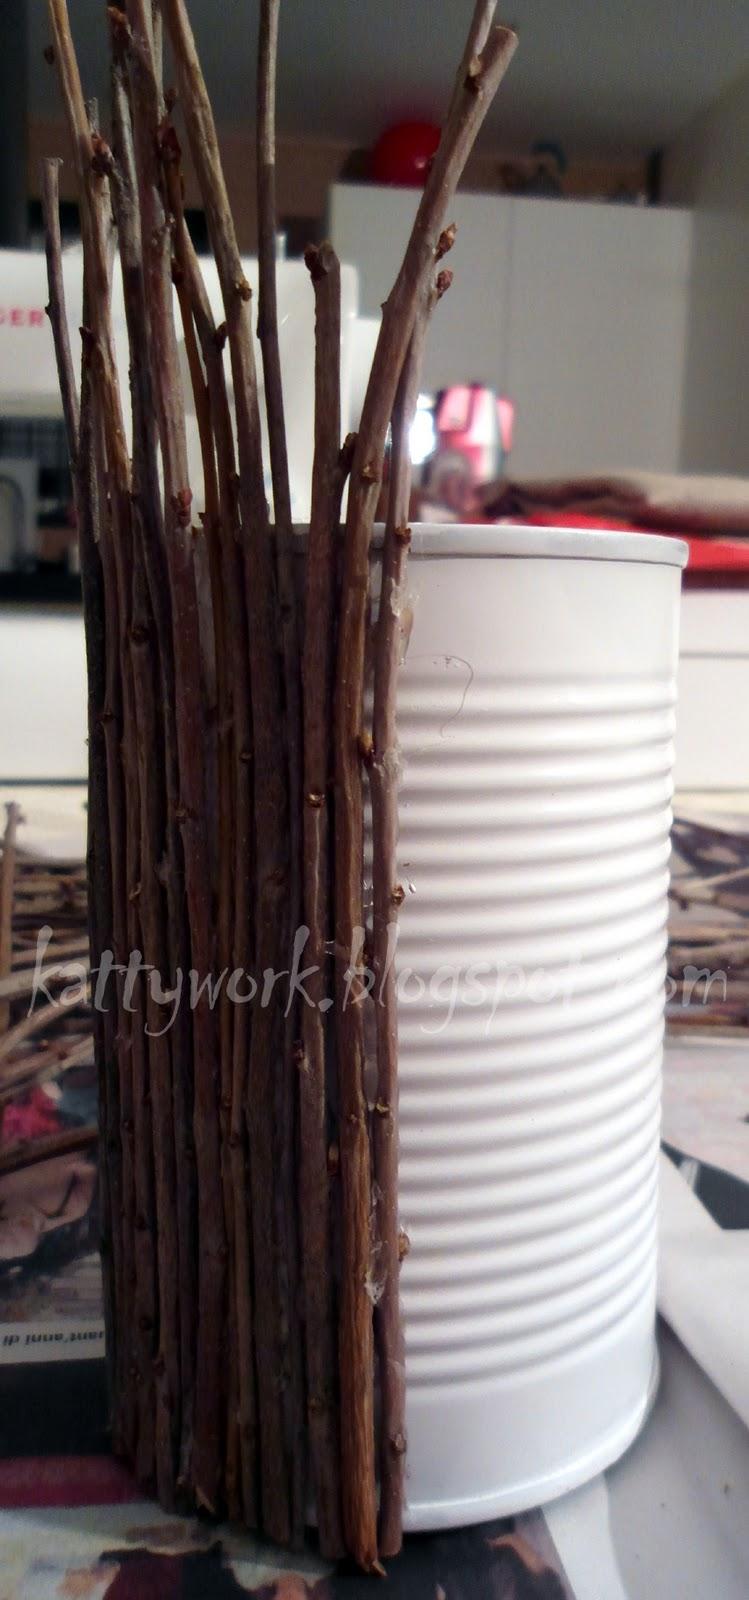 Work in progress riciclo barattolo di latta for Giardino rustico traliccio decorativo